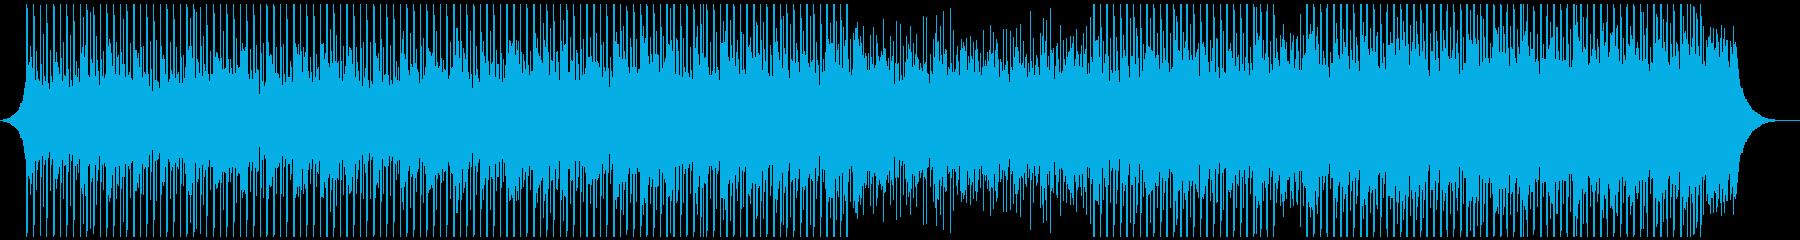 ライトコーポレートの再生済みの波形